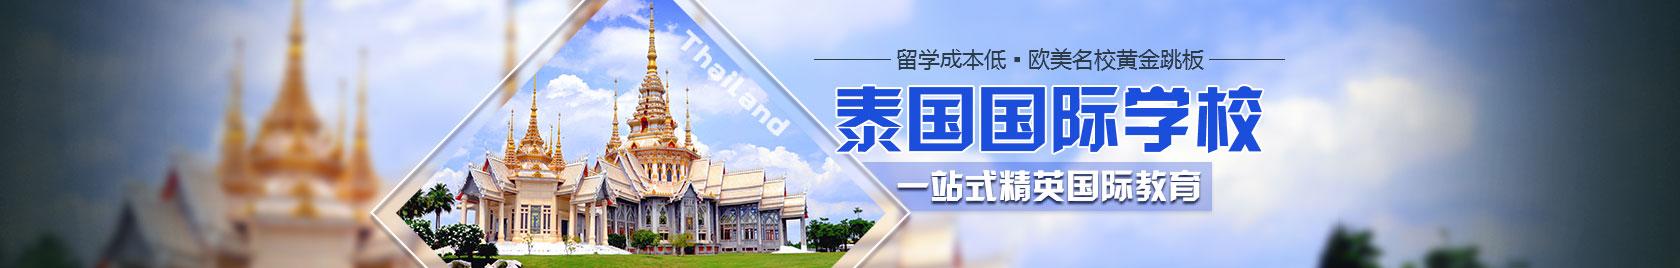 【泰国国际学校】一站式精英国际教育,低成本留学欧美名校黄金跳板